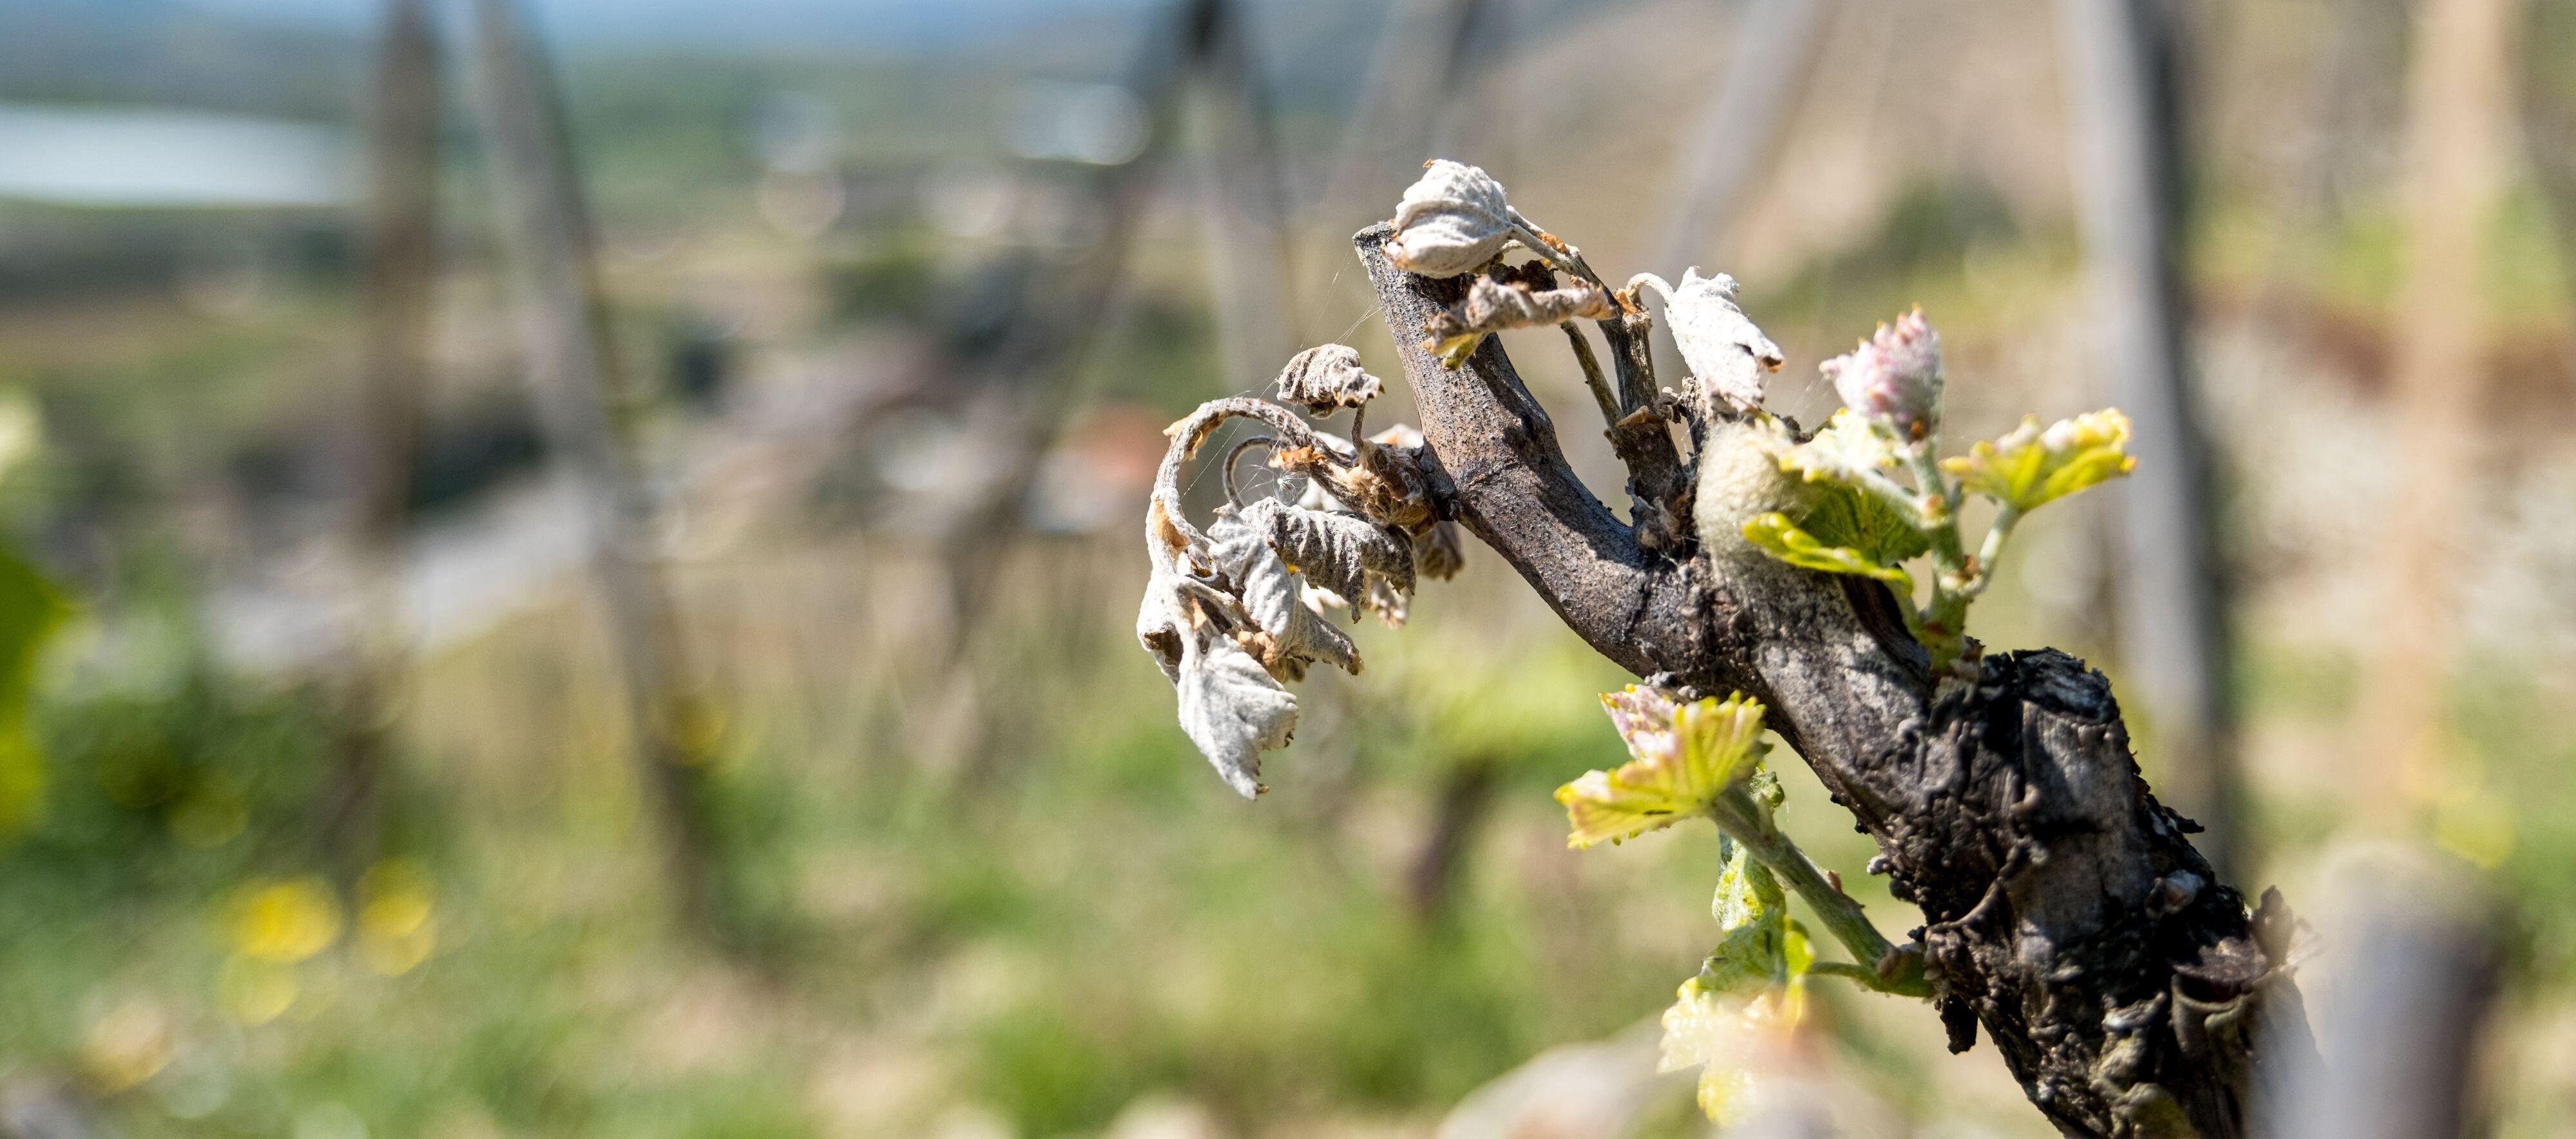 A cause de l'épisode de gel d'avril, les récoltes de vin français pourraient baisser en moyenne de 12,5 à 15 millions d'hectolitres, selon le secteur.